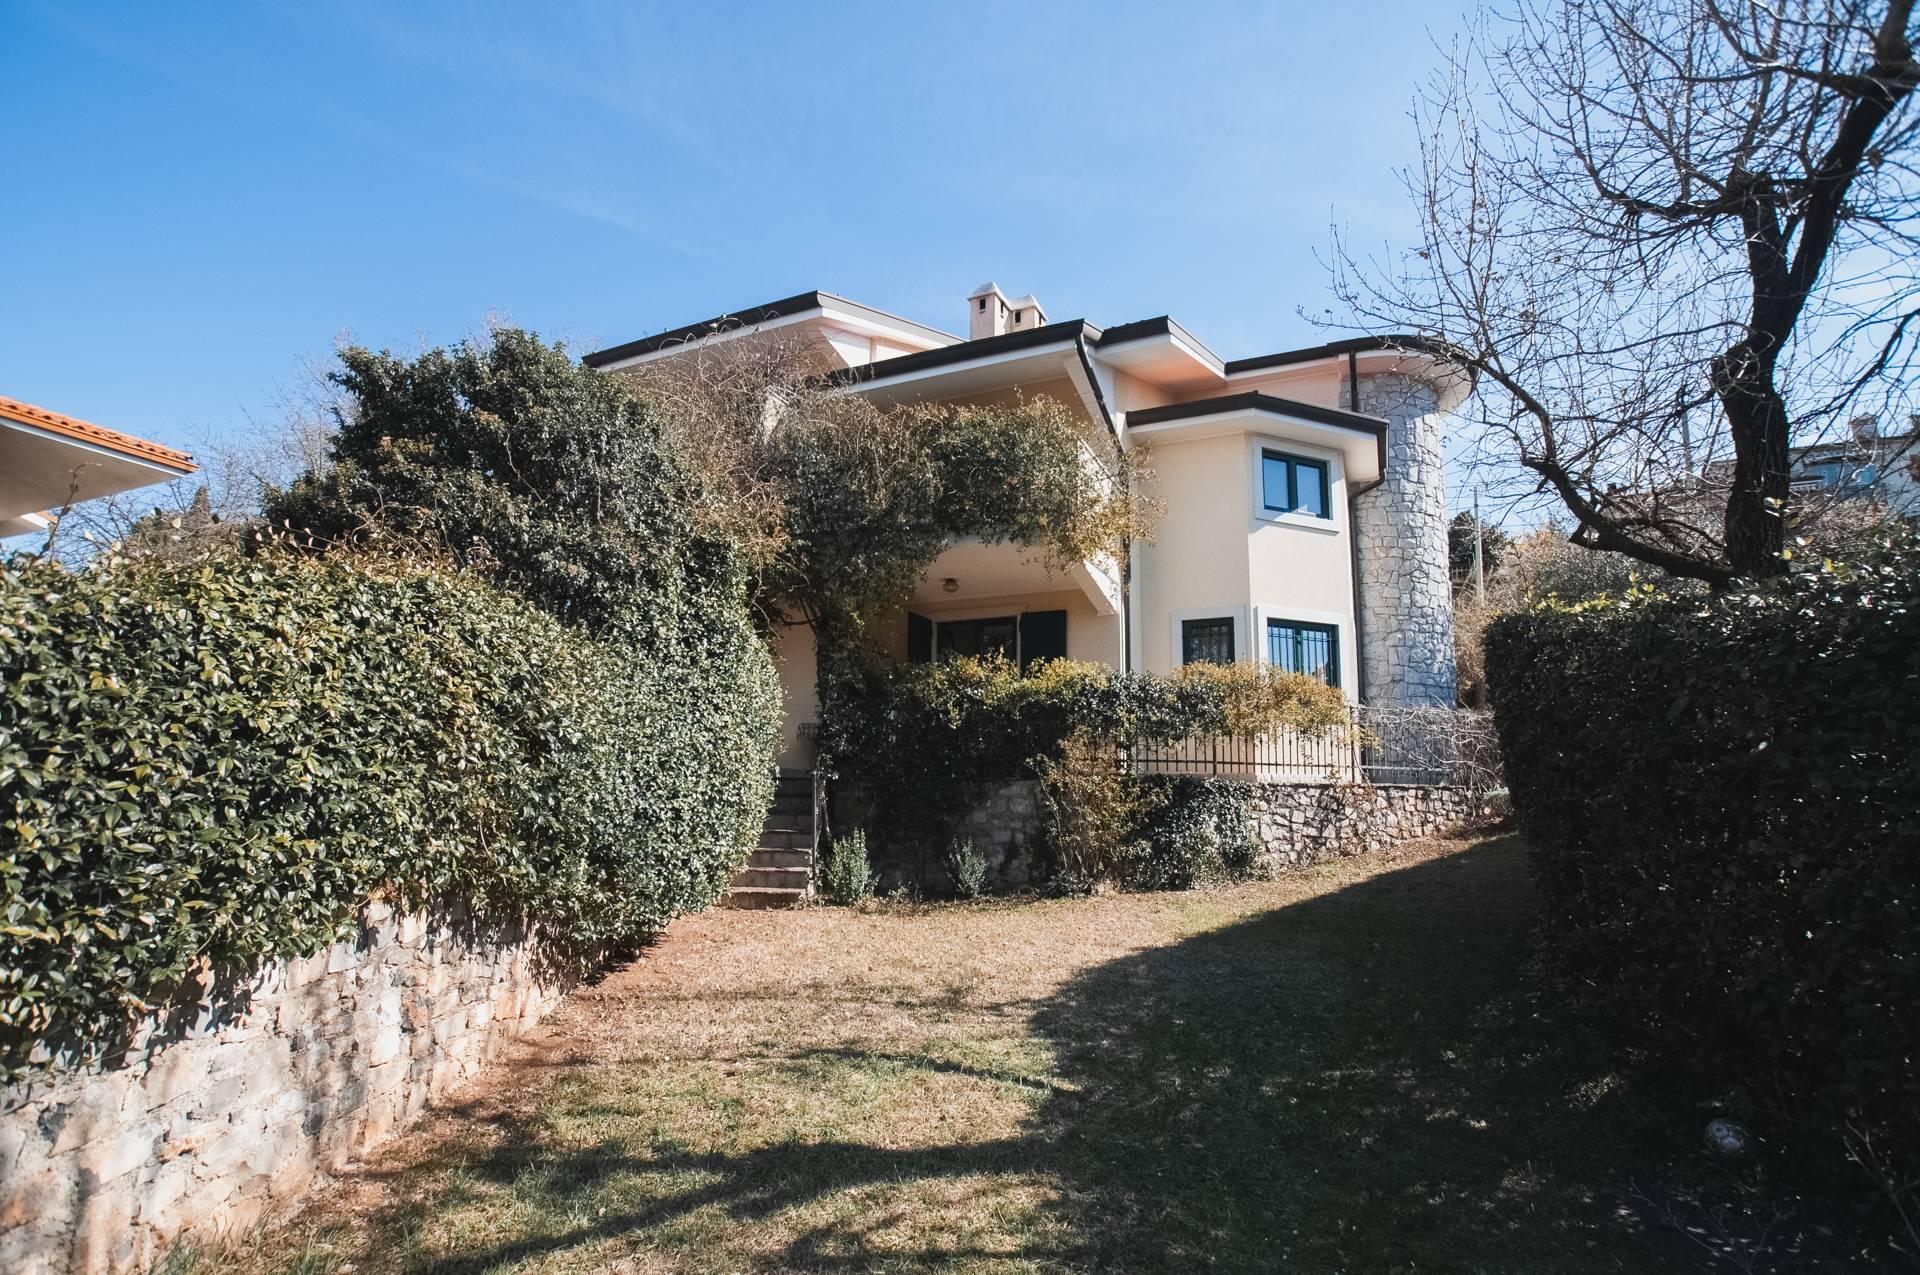 Villa in vendita a Duino-Aurisina, 7 locali, zona Zona: Visogliano, prezzo € 370.000   CambioCasa.it